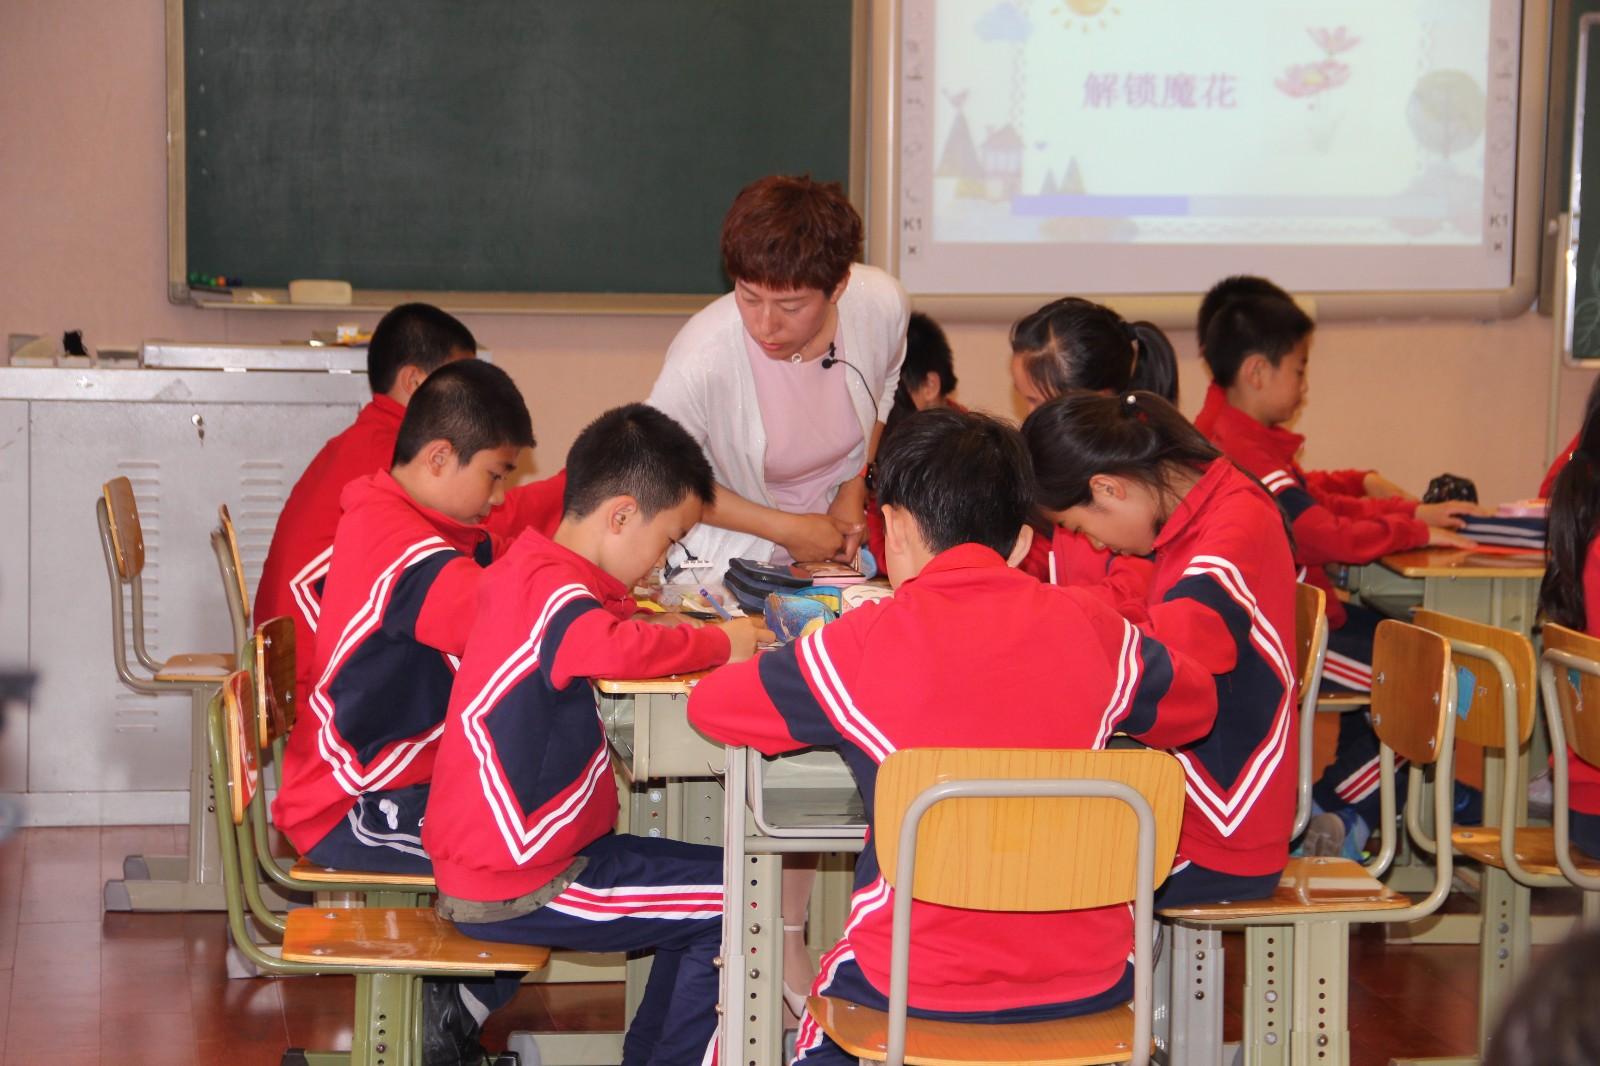 耐心倾听每一位学生的发言.jpg